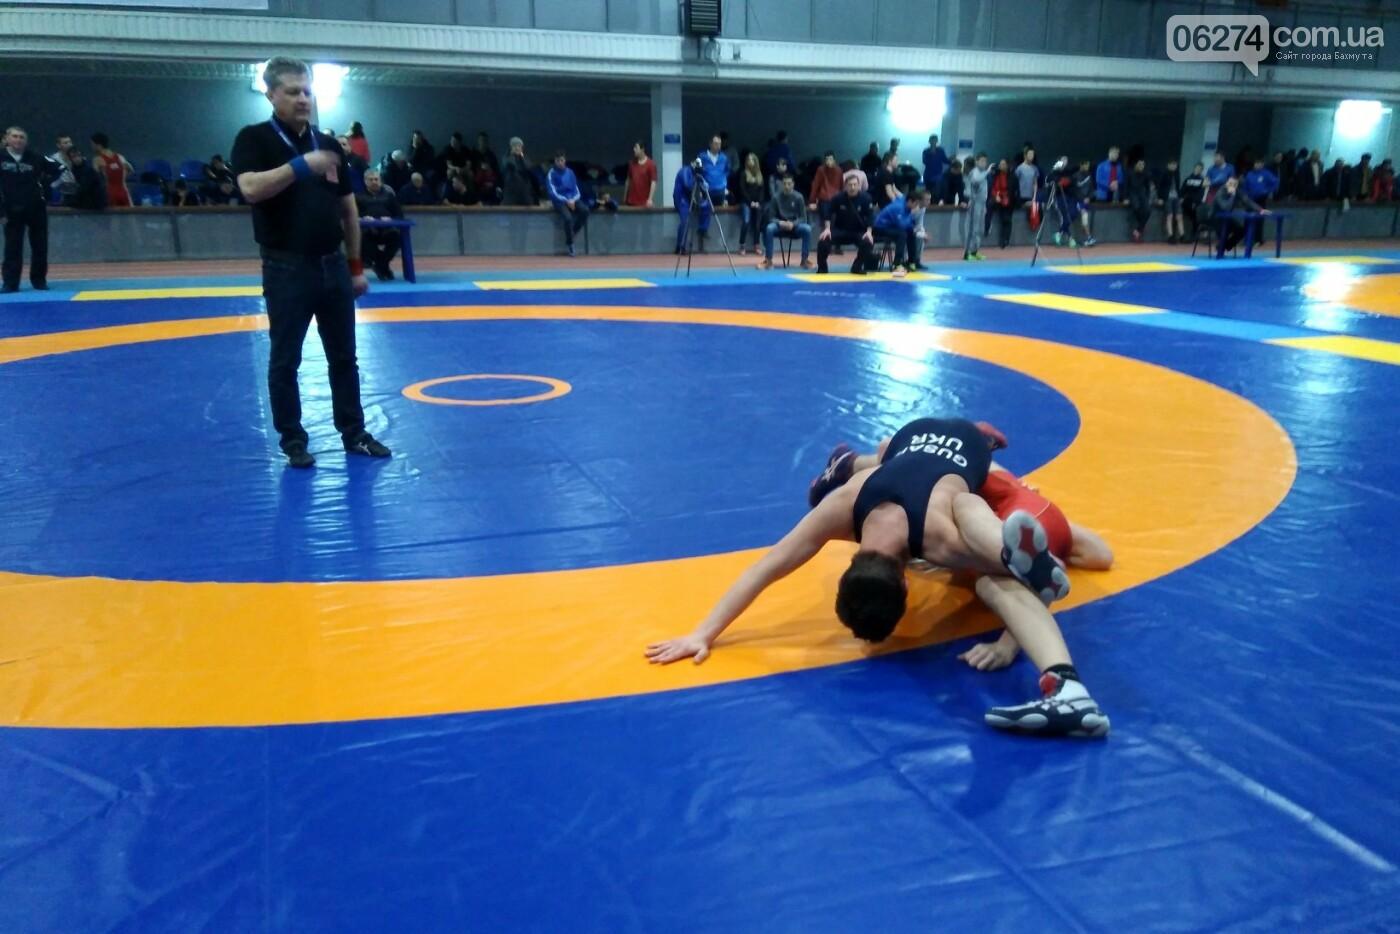 Областные соревнования по вольной борьбе в Бахмуте стали репетицией Чемпионата Украины, фото-1